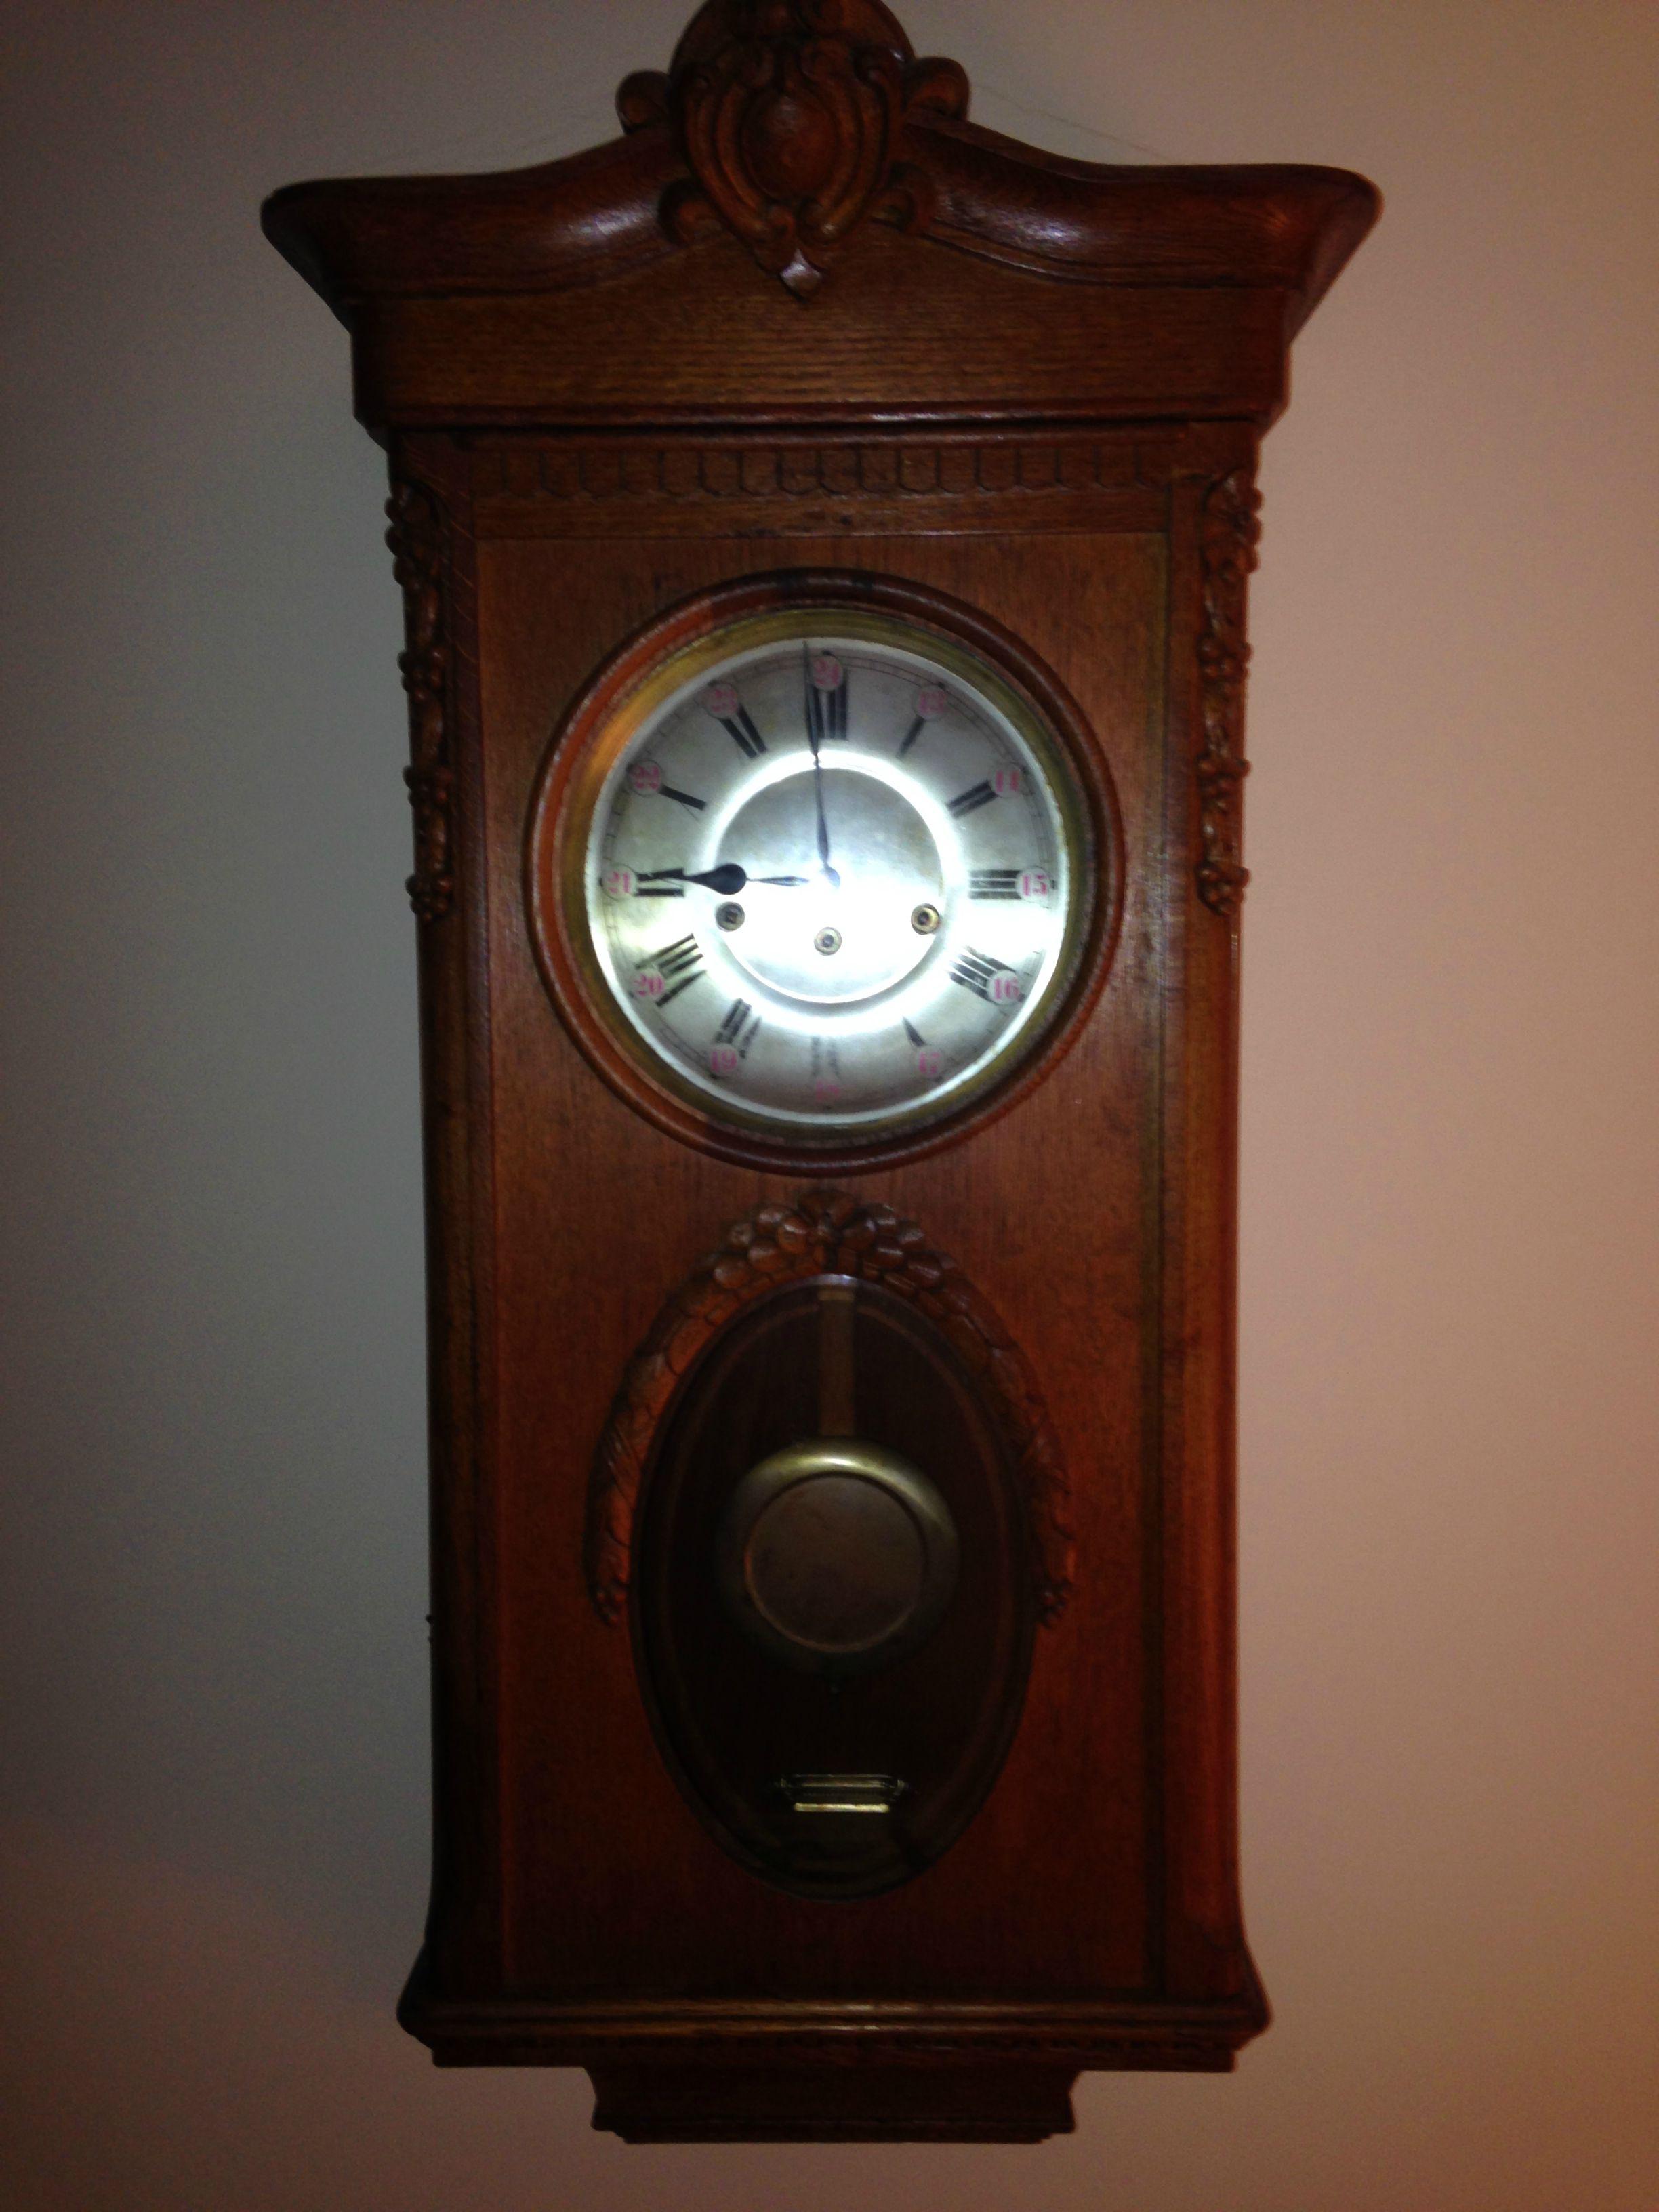 Old Clock - Album on Imgur